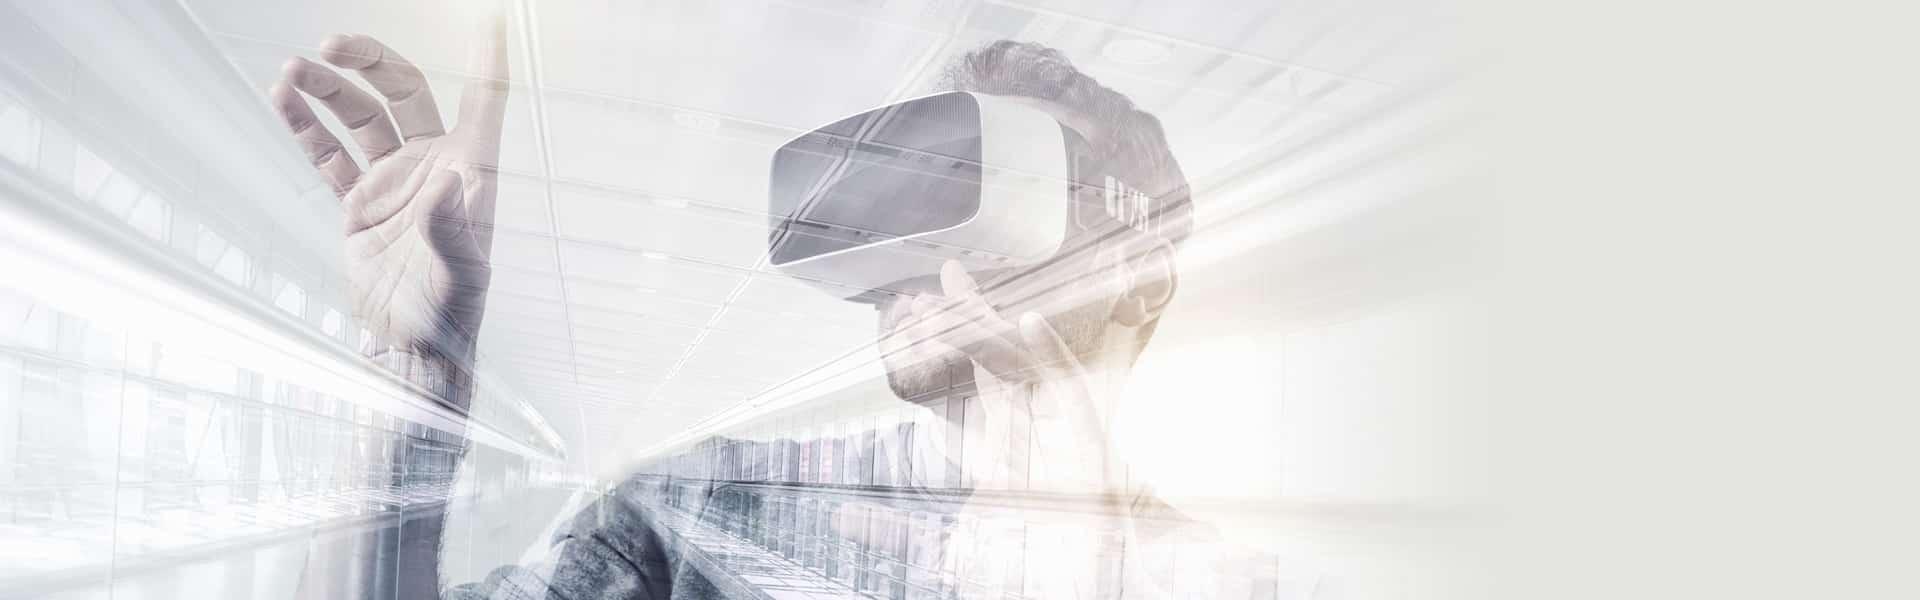 angst og virtuel realitet